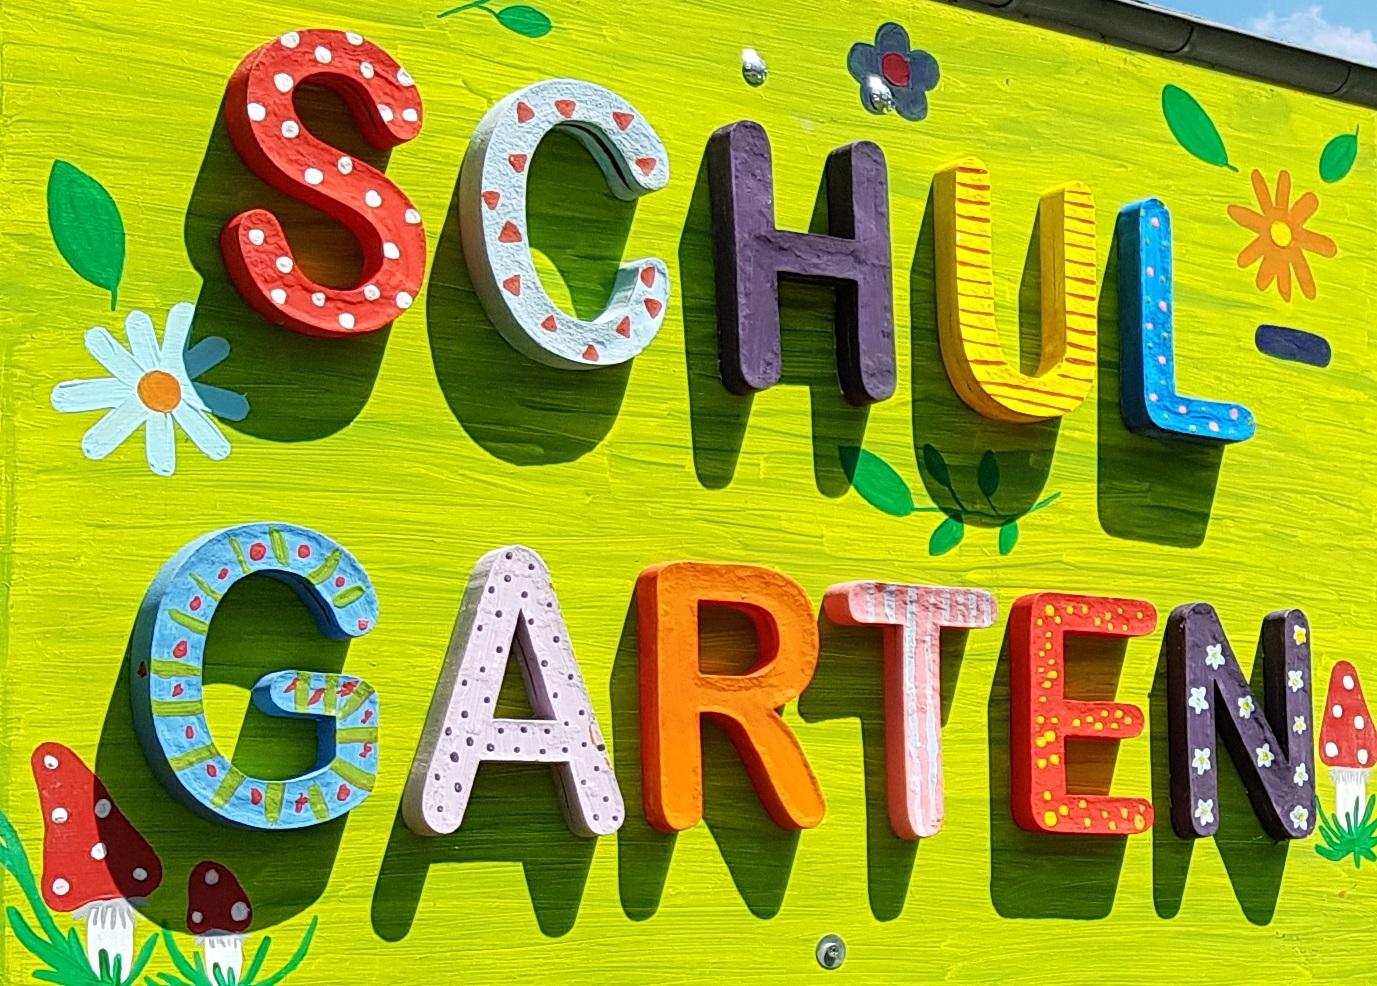 netzwerk natur, Übergabe des PflanzenWelten-Hochbeetes an die Montessori-Grundschule in Aachen (Foto Keller, 3)